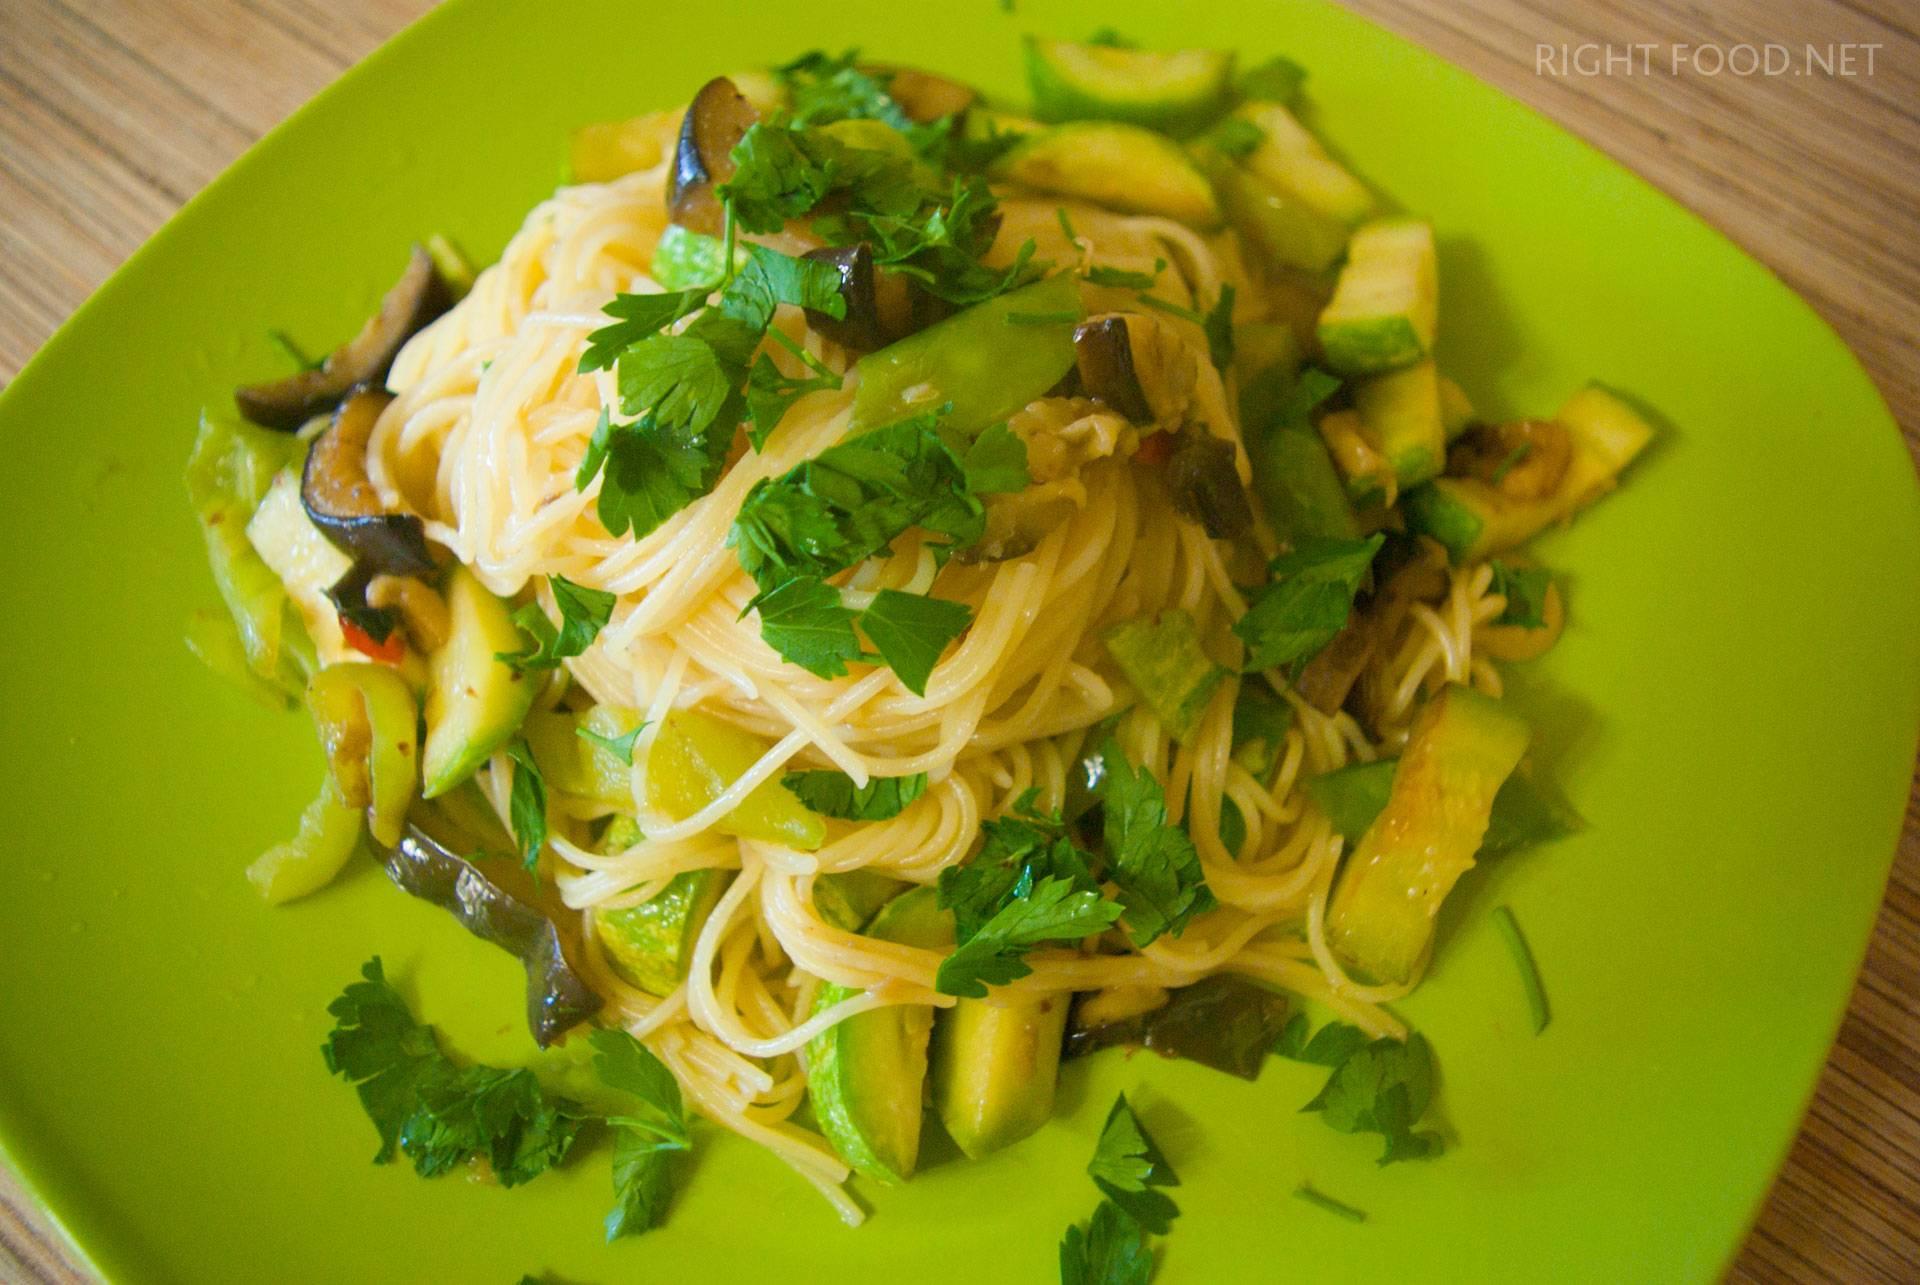 Паста с баклажанами и кабачками - 12 пошаговых фото в рецепте